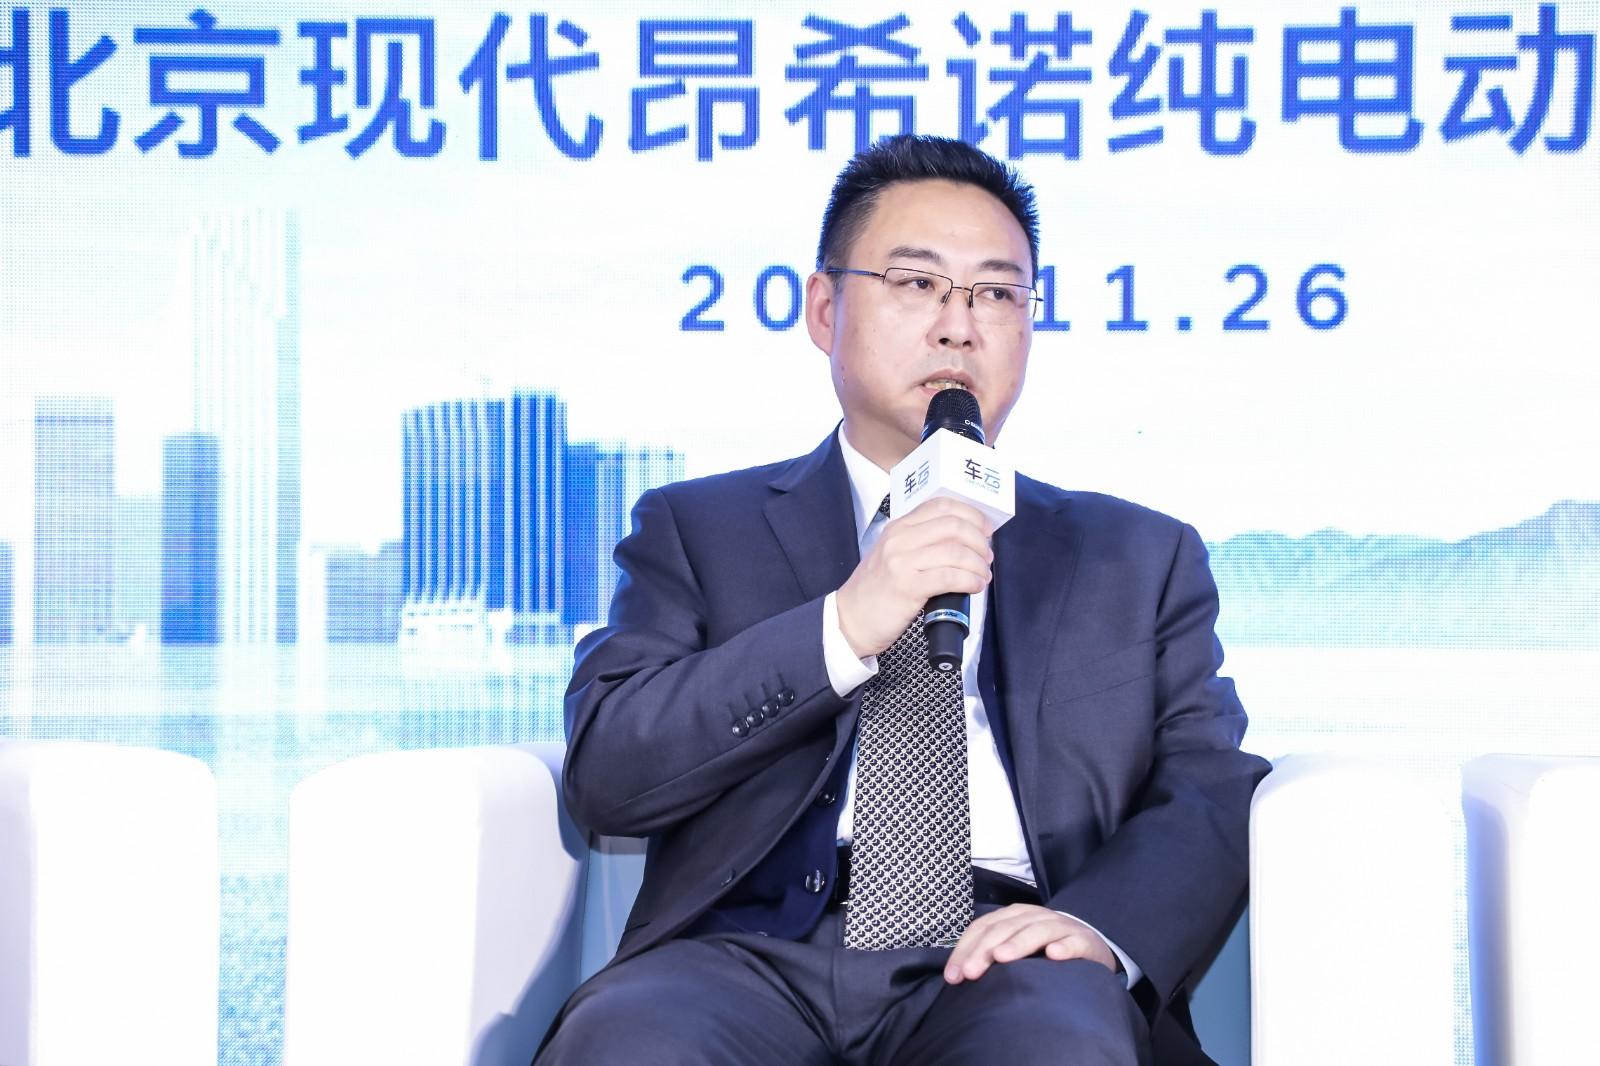 北京现代副总经理 徐爱民